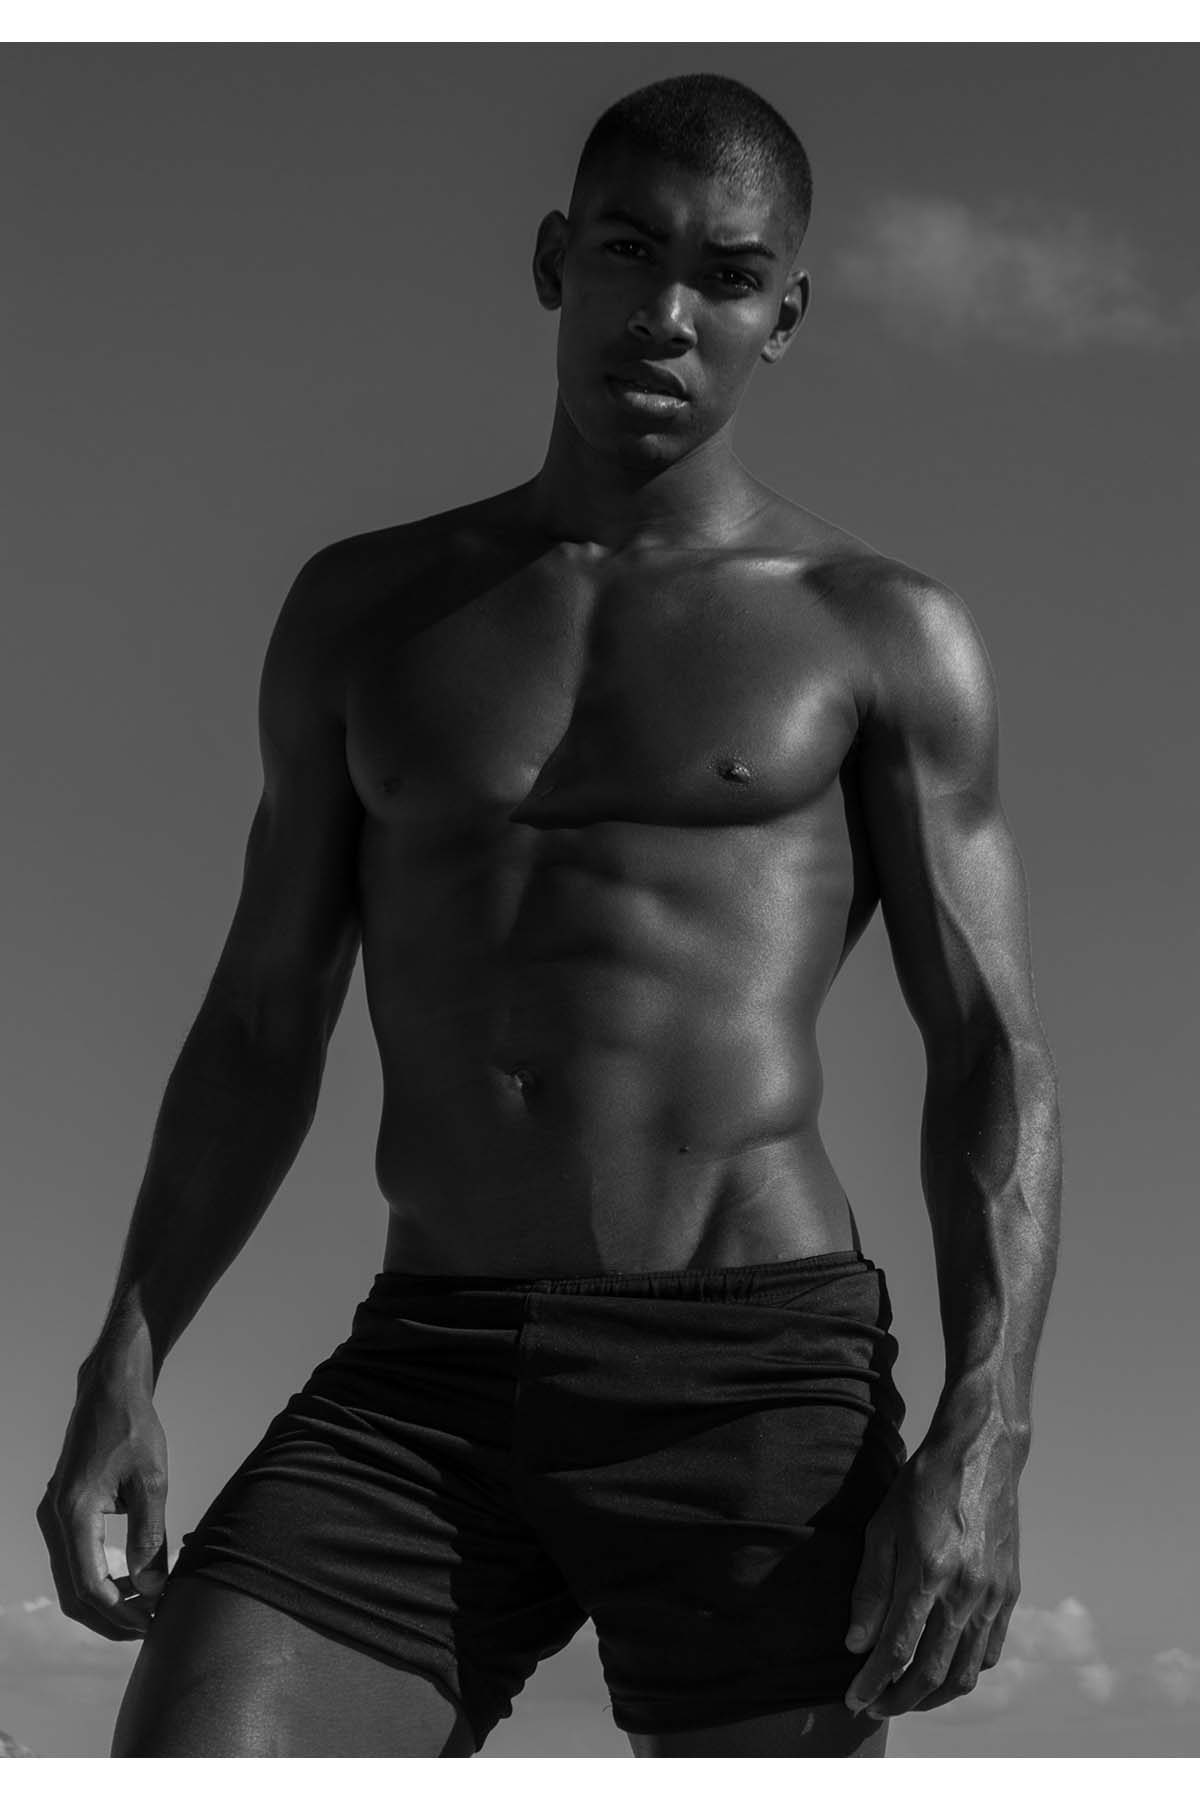 Felipe Damazio by Beto Urbano for Brazilian Male Model